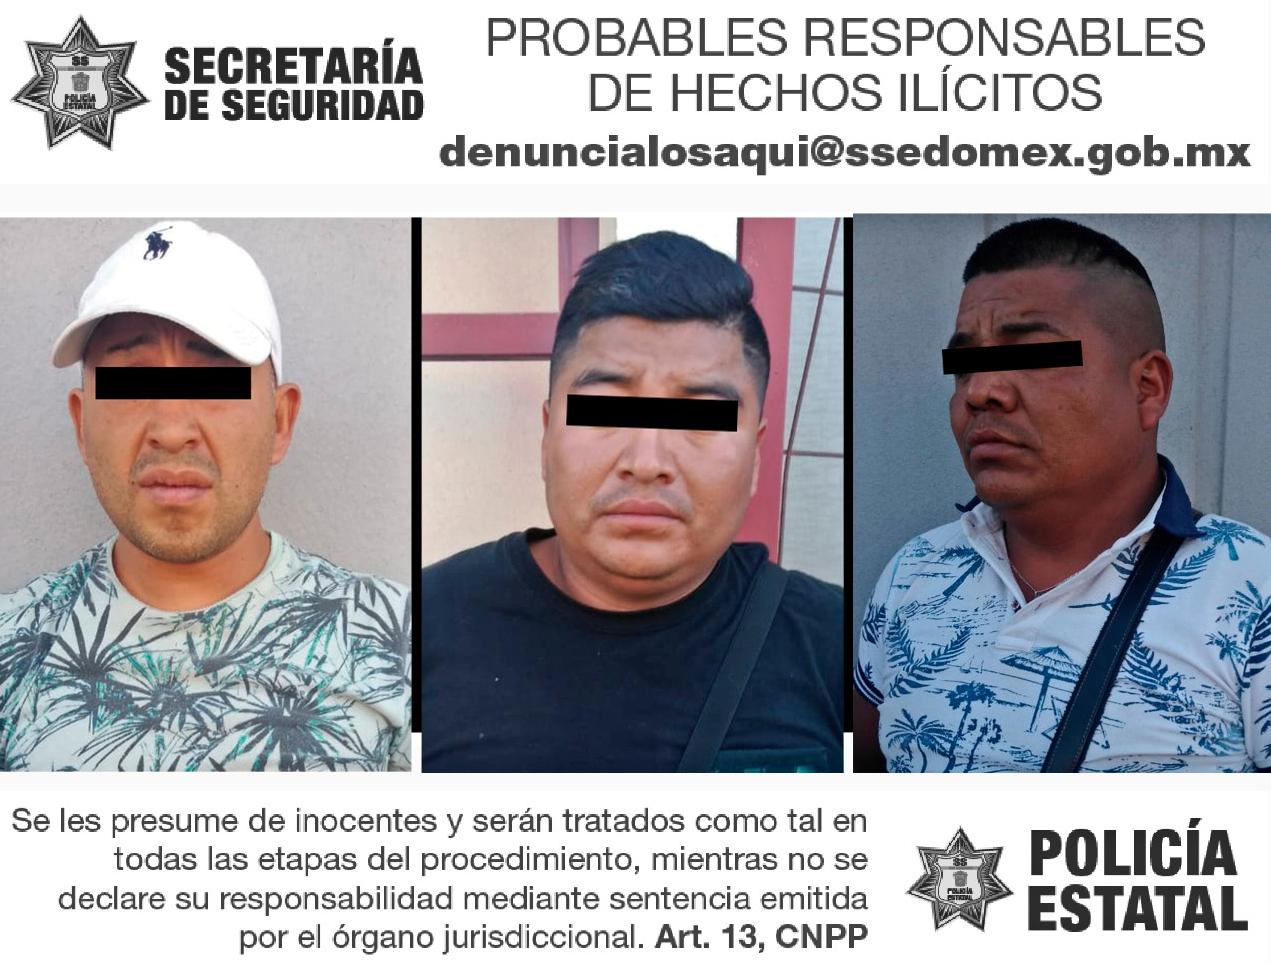 ANTE PRESUNTA PORTACIÓN DE ARMA DE FUEGO, ASEGURAN A 3 EN OPERATIVO CONJUNTO